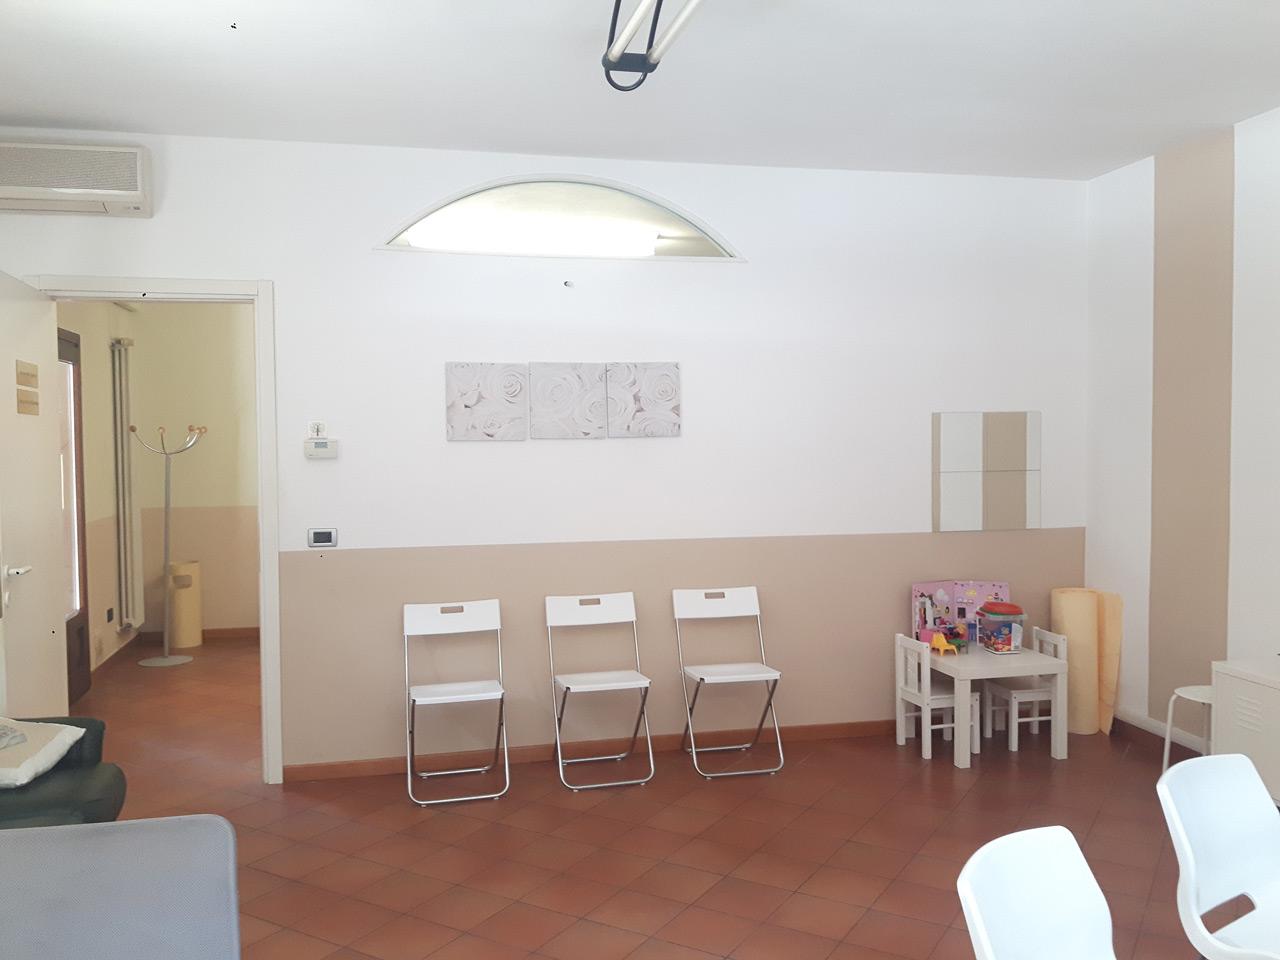 Psicologa Psicoterapeuta Savignano Sul Rubicone e Cesena